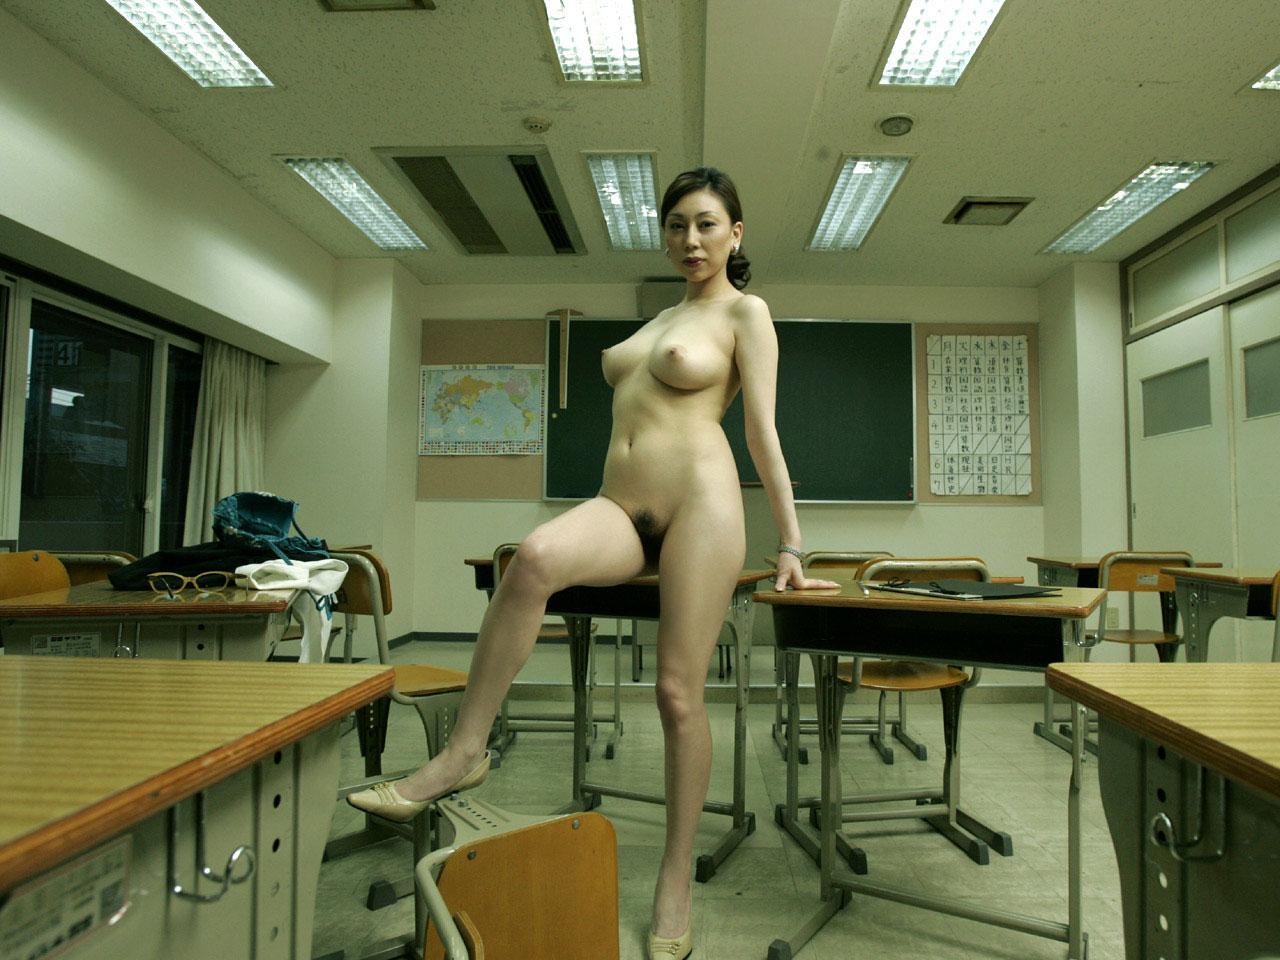 【おっぱい】学生時代に憧れた痴女っぽい女教師がここにいたwww【36枚】 35